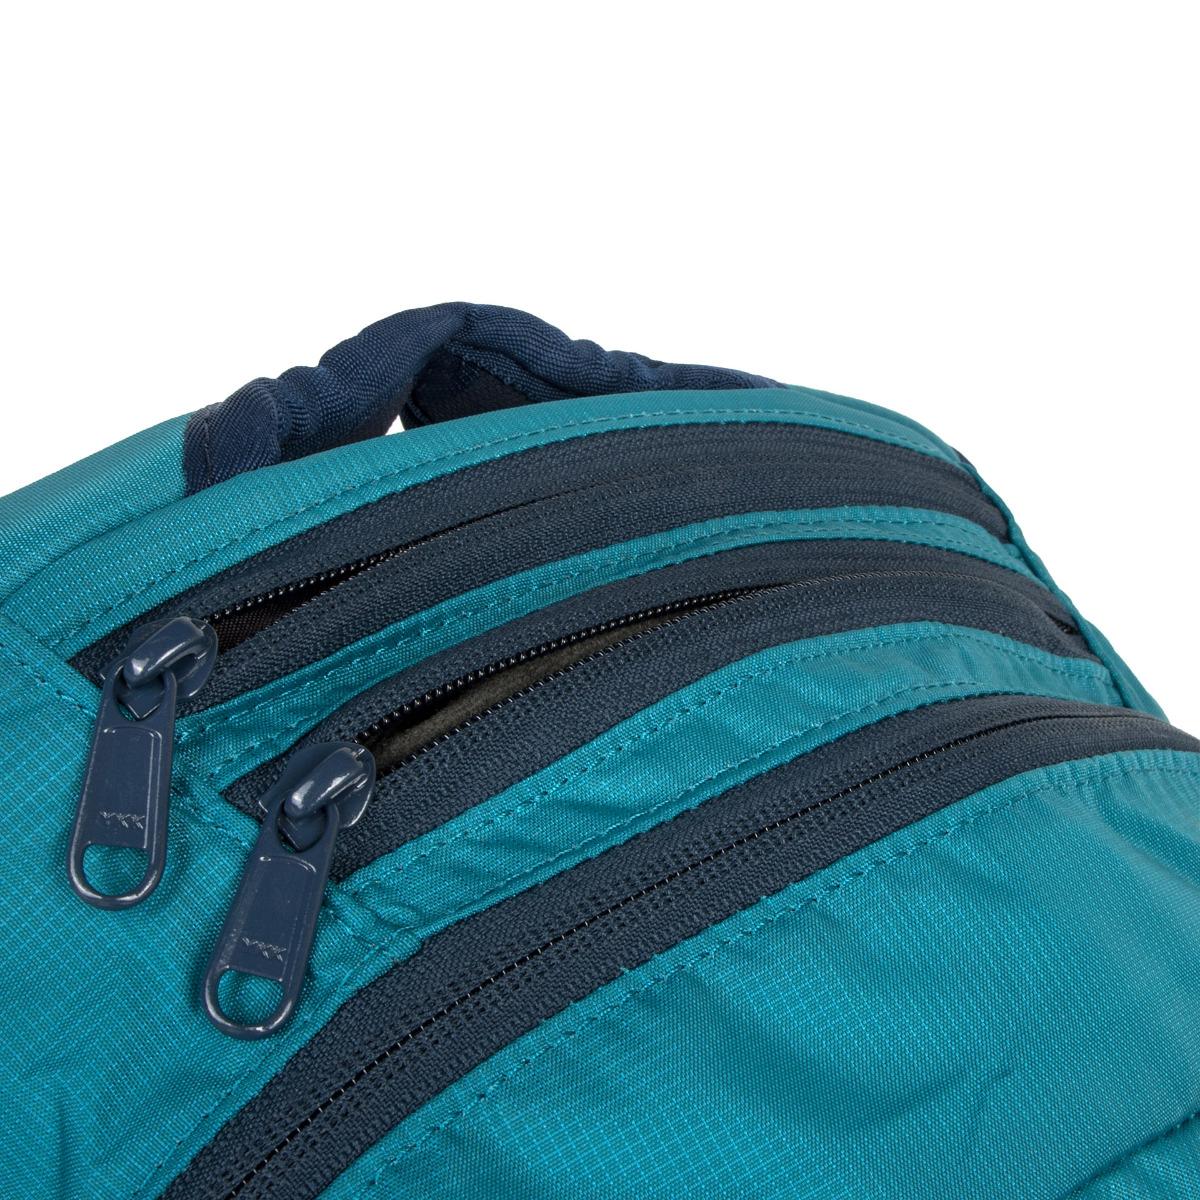 Dakine Explorer 26L Seaford Batoh Dakine Explorer je vhodný pre aktívnych študentov, milovníkov skate parkov aj pre bežné nosenie po meste.